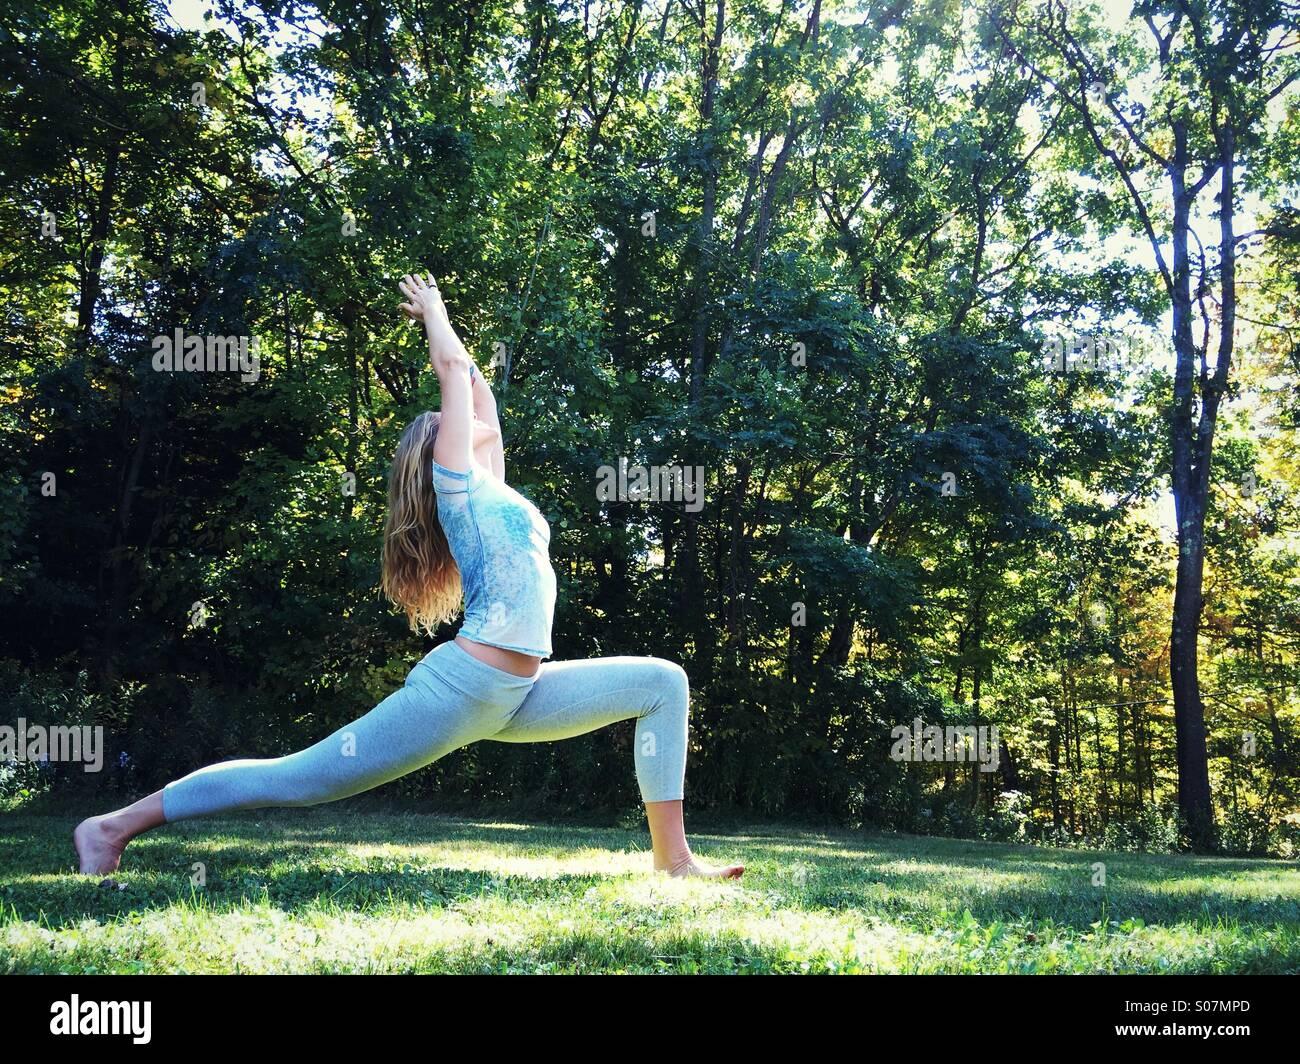 Una donna fare yoga al di fuori nel prato circondato dalla natura. Immagini Stock